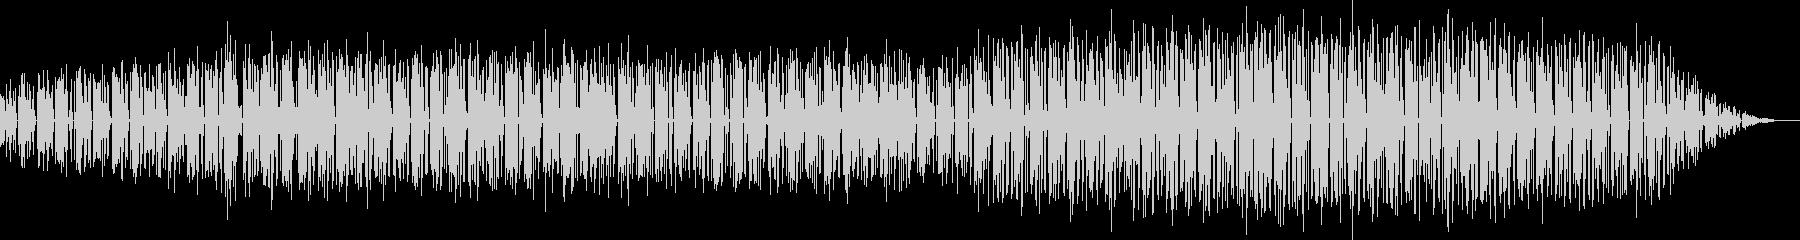 レゲエのリズムによる楽曲の未再生の波形